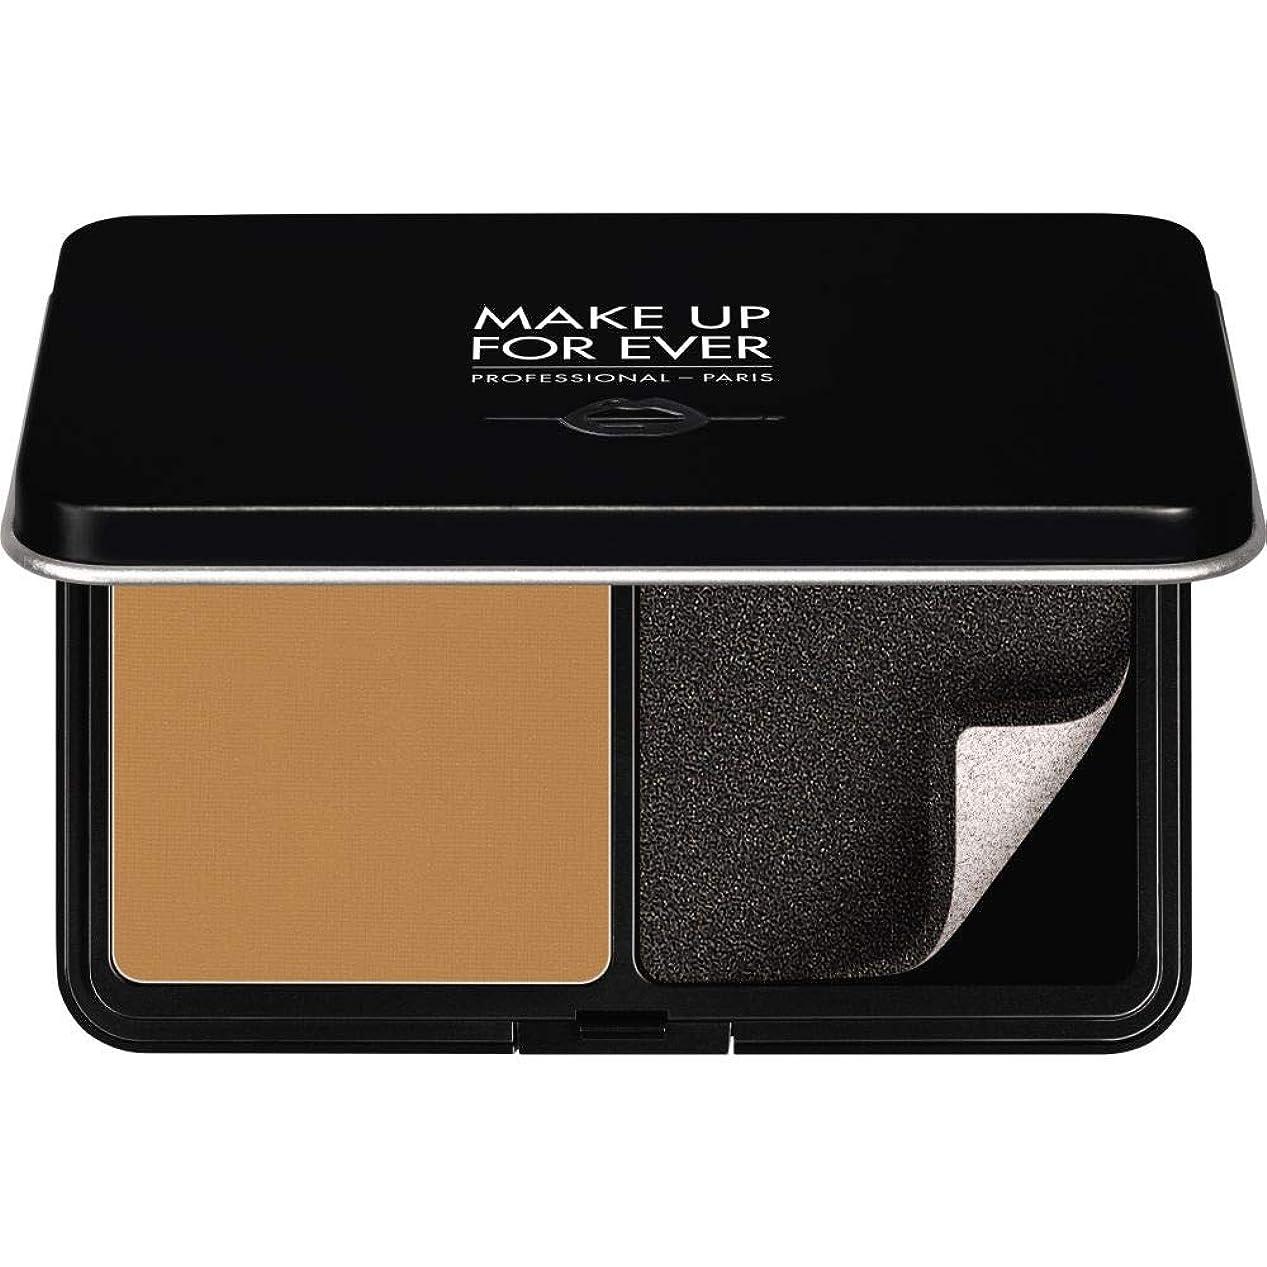 一元化する飾り羽代表[MAKE UP FOR EVER ] パウダーファンデーション11GののY455をぼかし、これまでマットベルベットの肌を補う - プラリネ - MAKE UP FOR EVER Matte Velvet Skin Blurring Powder Foundation 11g Y455 - Praline [並行輸入品]